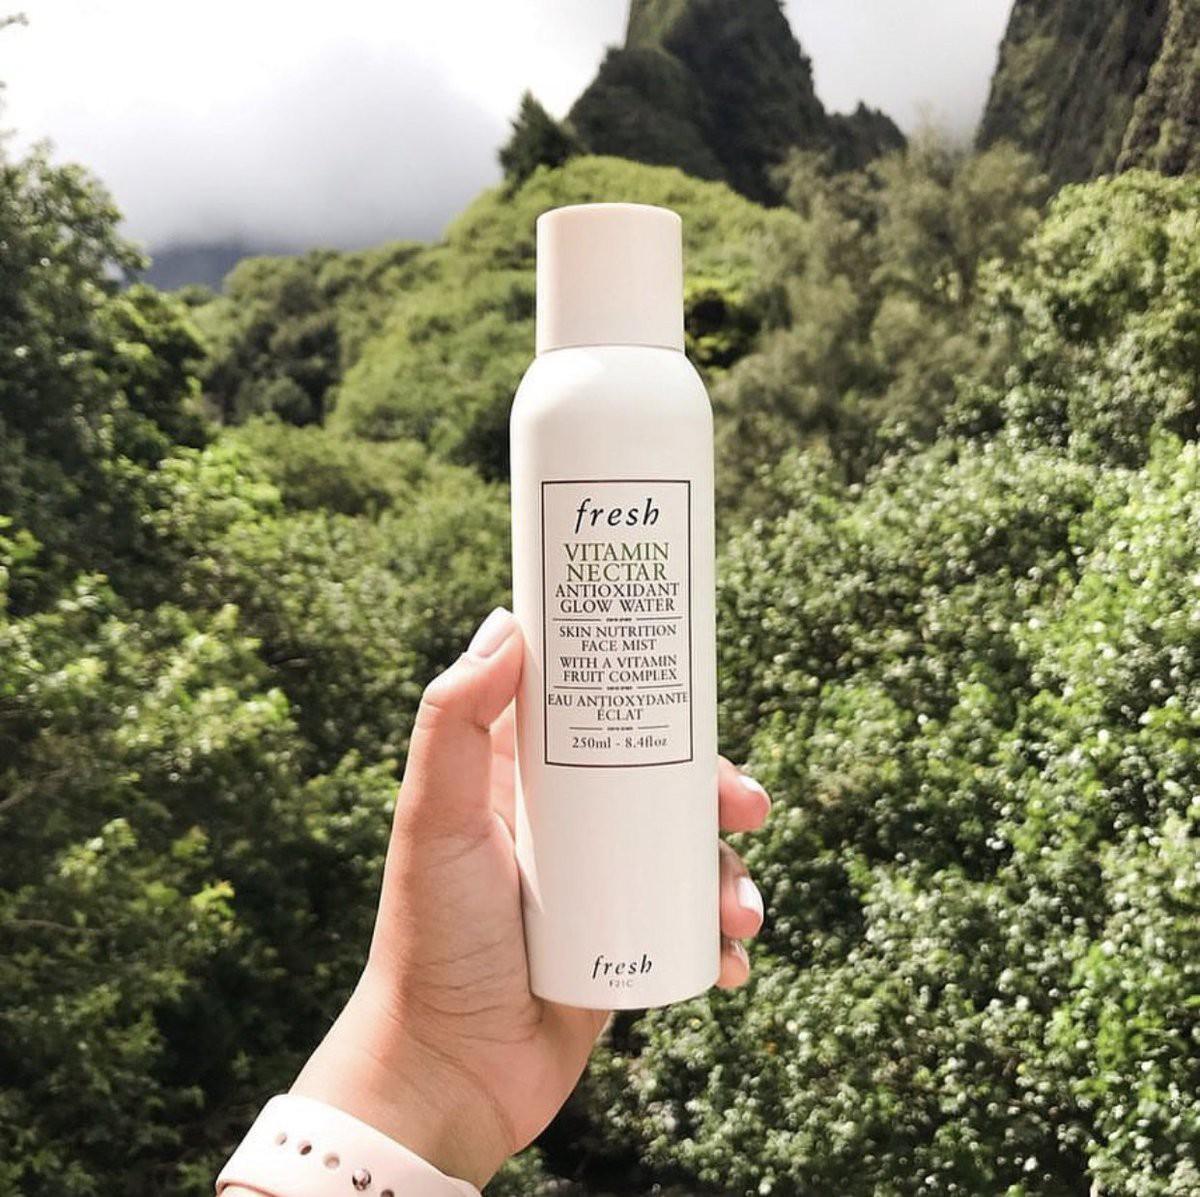 11 sản phẩm xịt khoáng cấp ẩm, cho làn da ngậm nước trong nhiều giờ mà các  tín đồ skincare cần nhất hè này – LUXUS